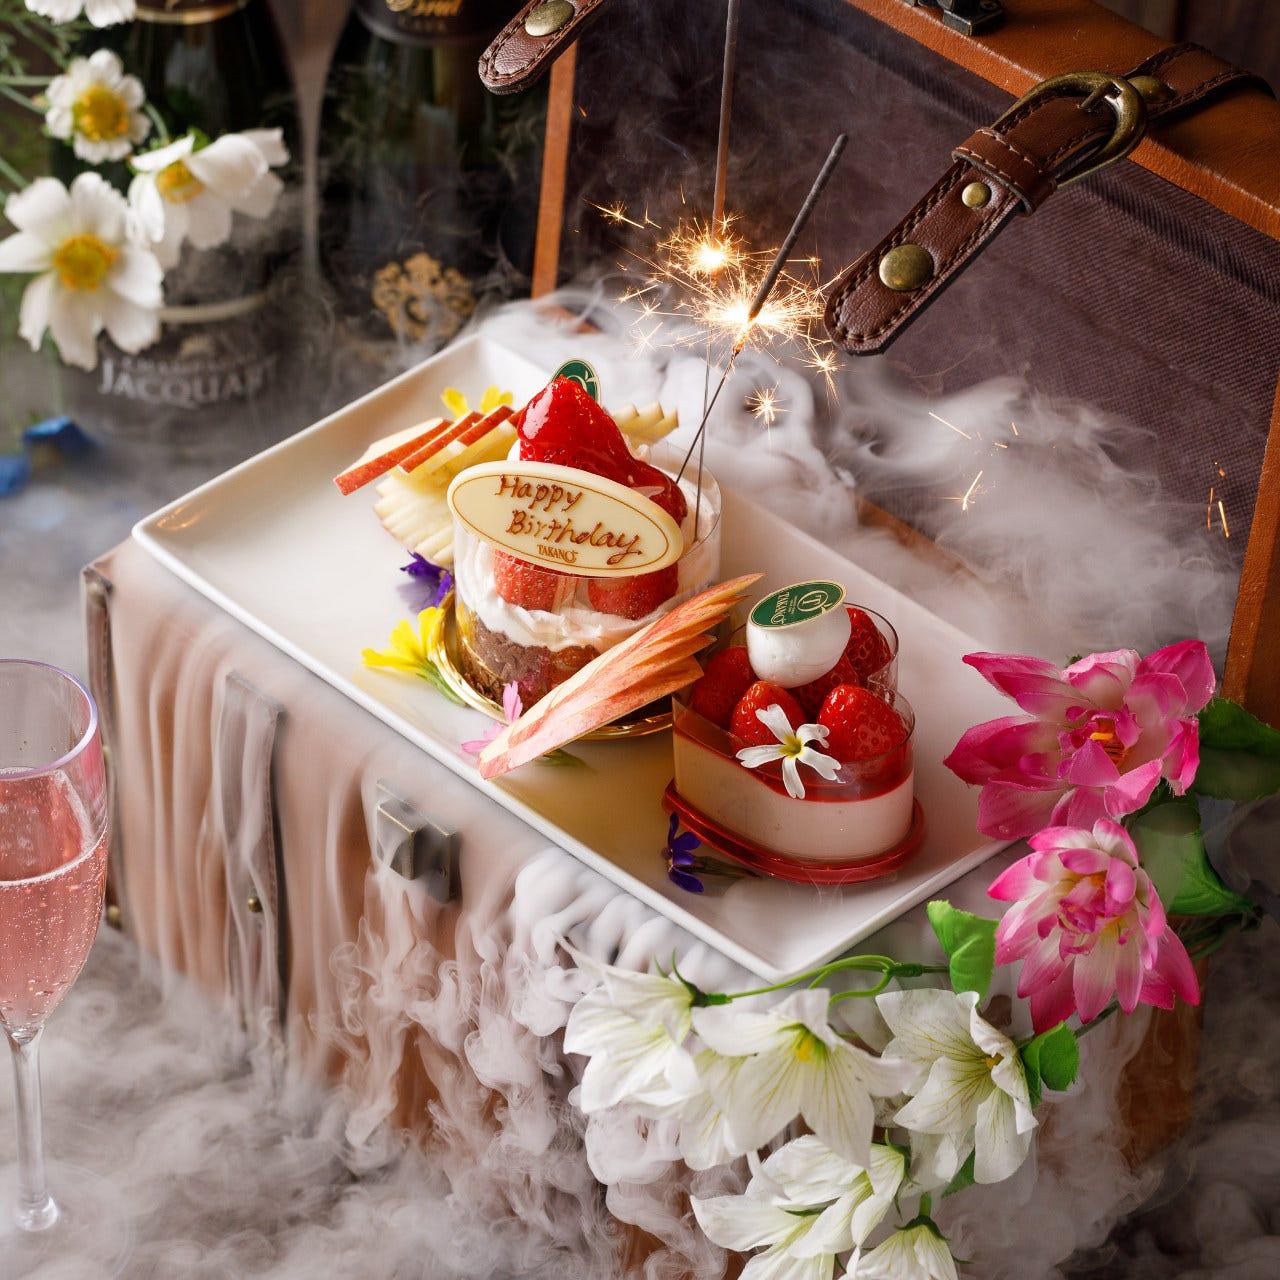 お祝い事に最適!豪華宝箱でテーブルを華やかに囲みます♪